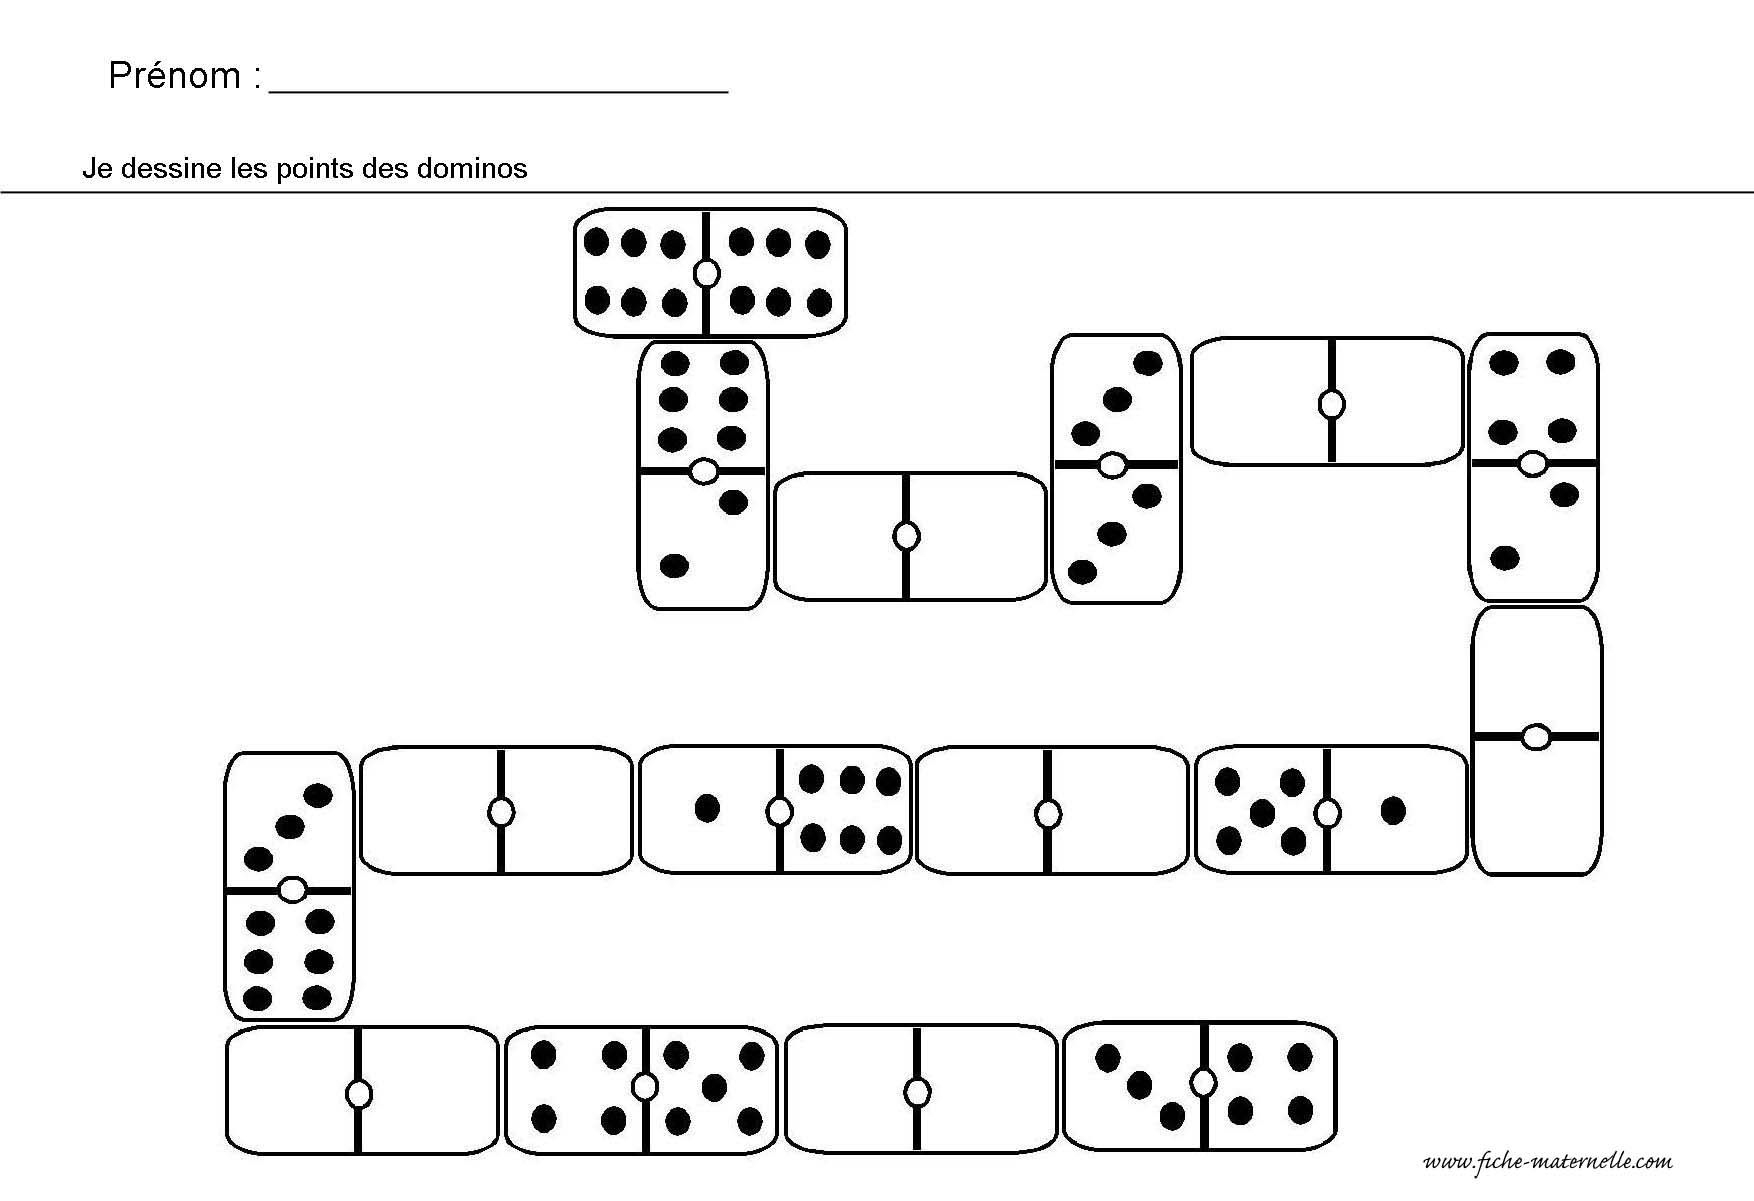 Site Maternelle : Jeu Des Dominos   Mathématiques dedans Jeux Maternelle Moyenne Section